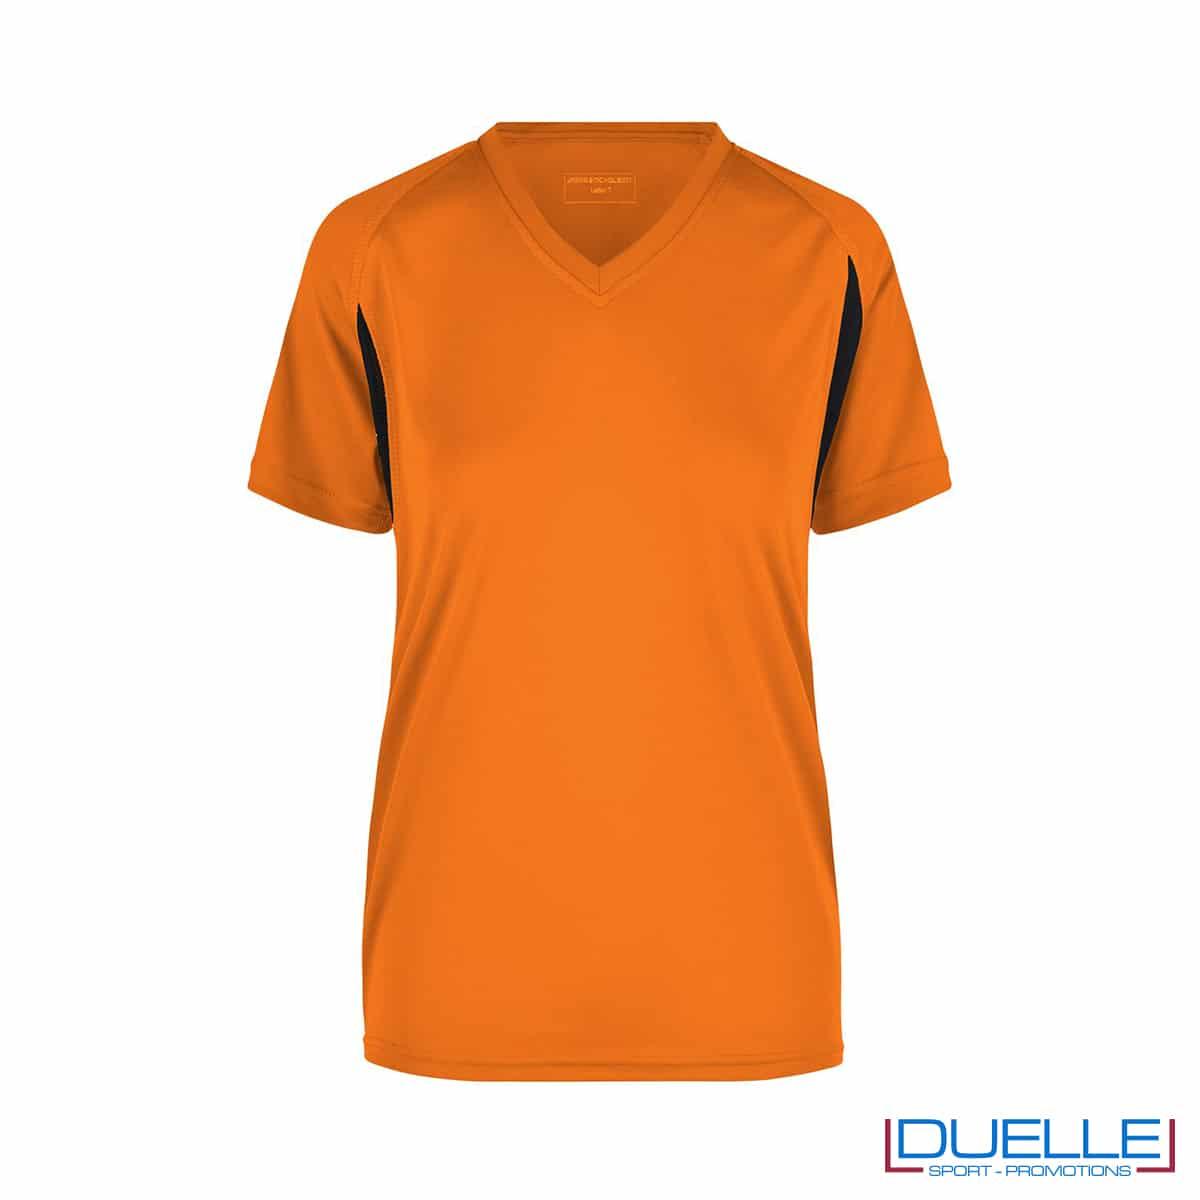 T-shirt running donna personalizzata colore arancione-nero